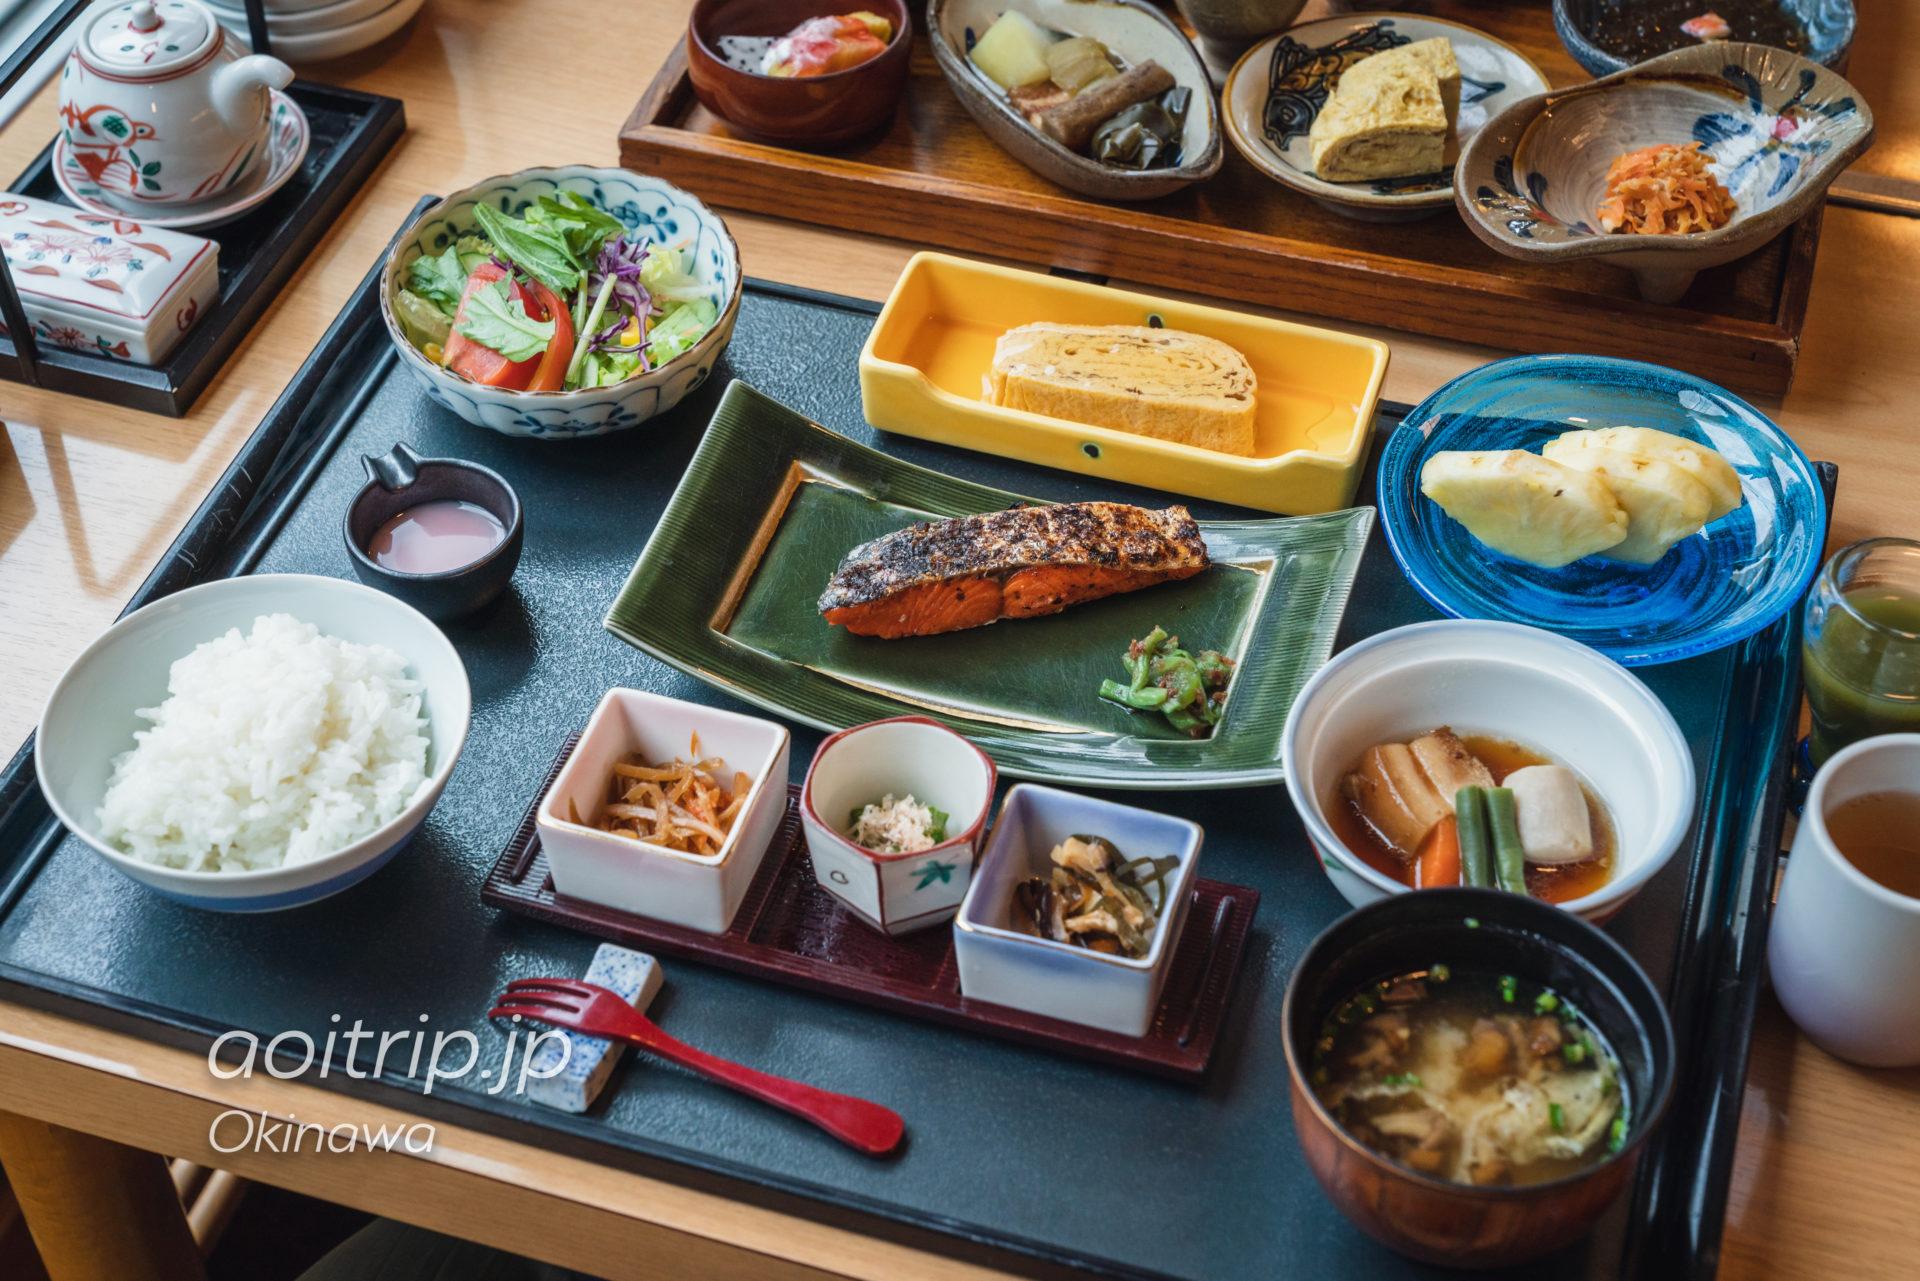 ルネッサンスリゾート オキナワ 彩の朝食 和定食